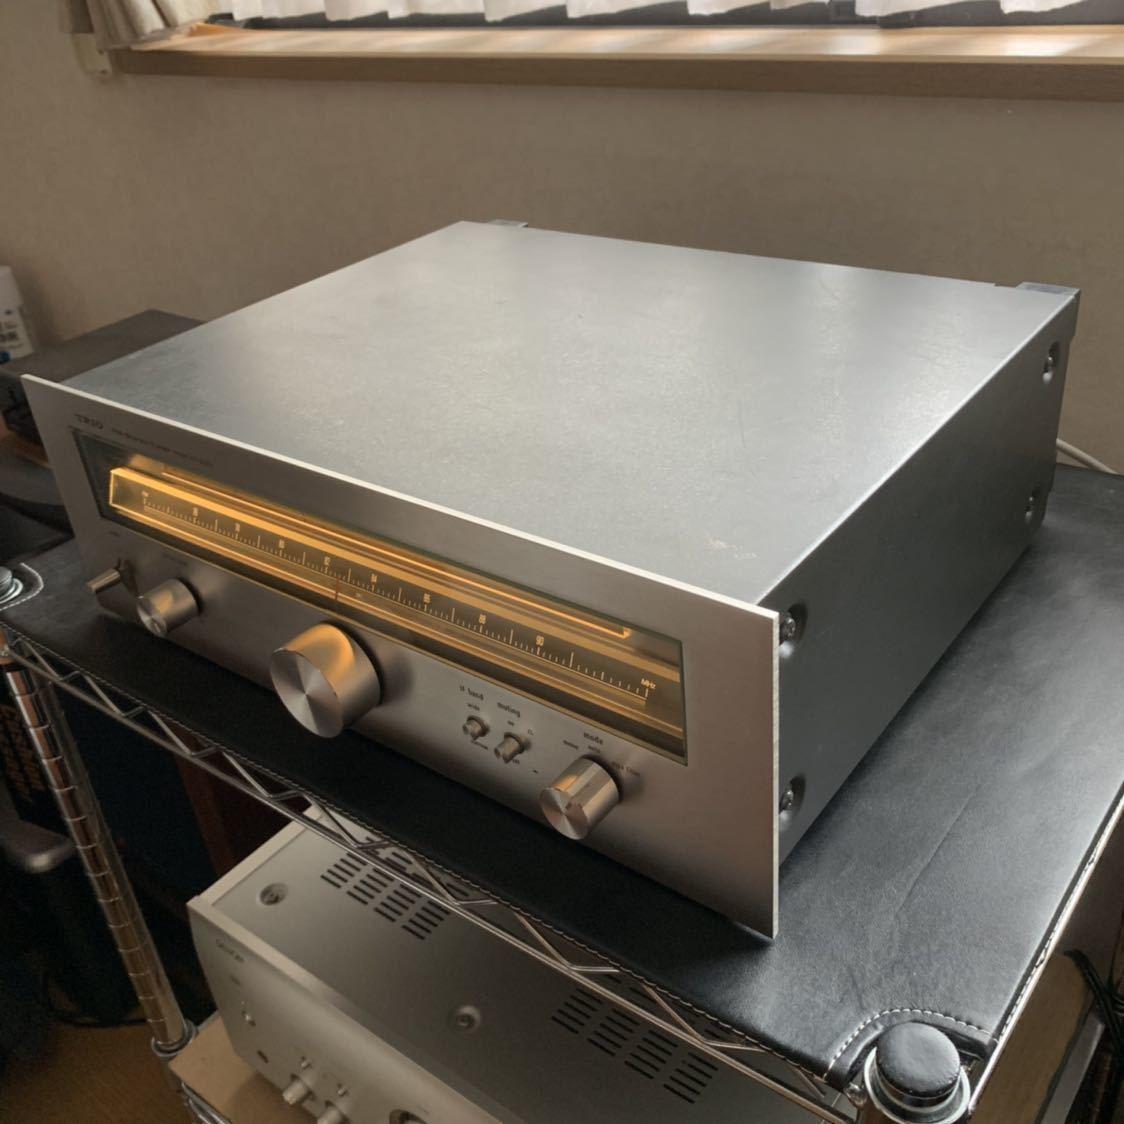 受信感度良好 TRIO トリオ FM 専用 チューナー KT-8000 電源スイッチのみ不良 その他 完動確認_画像9